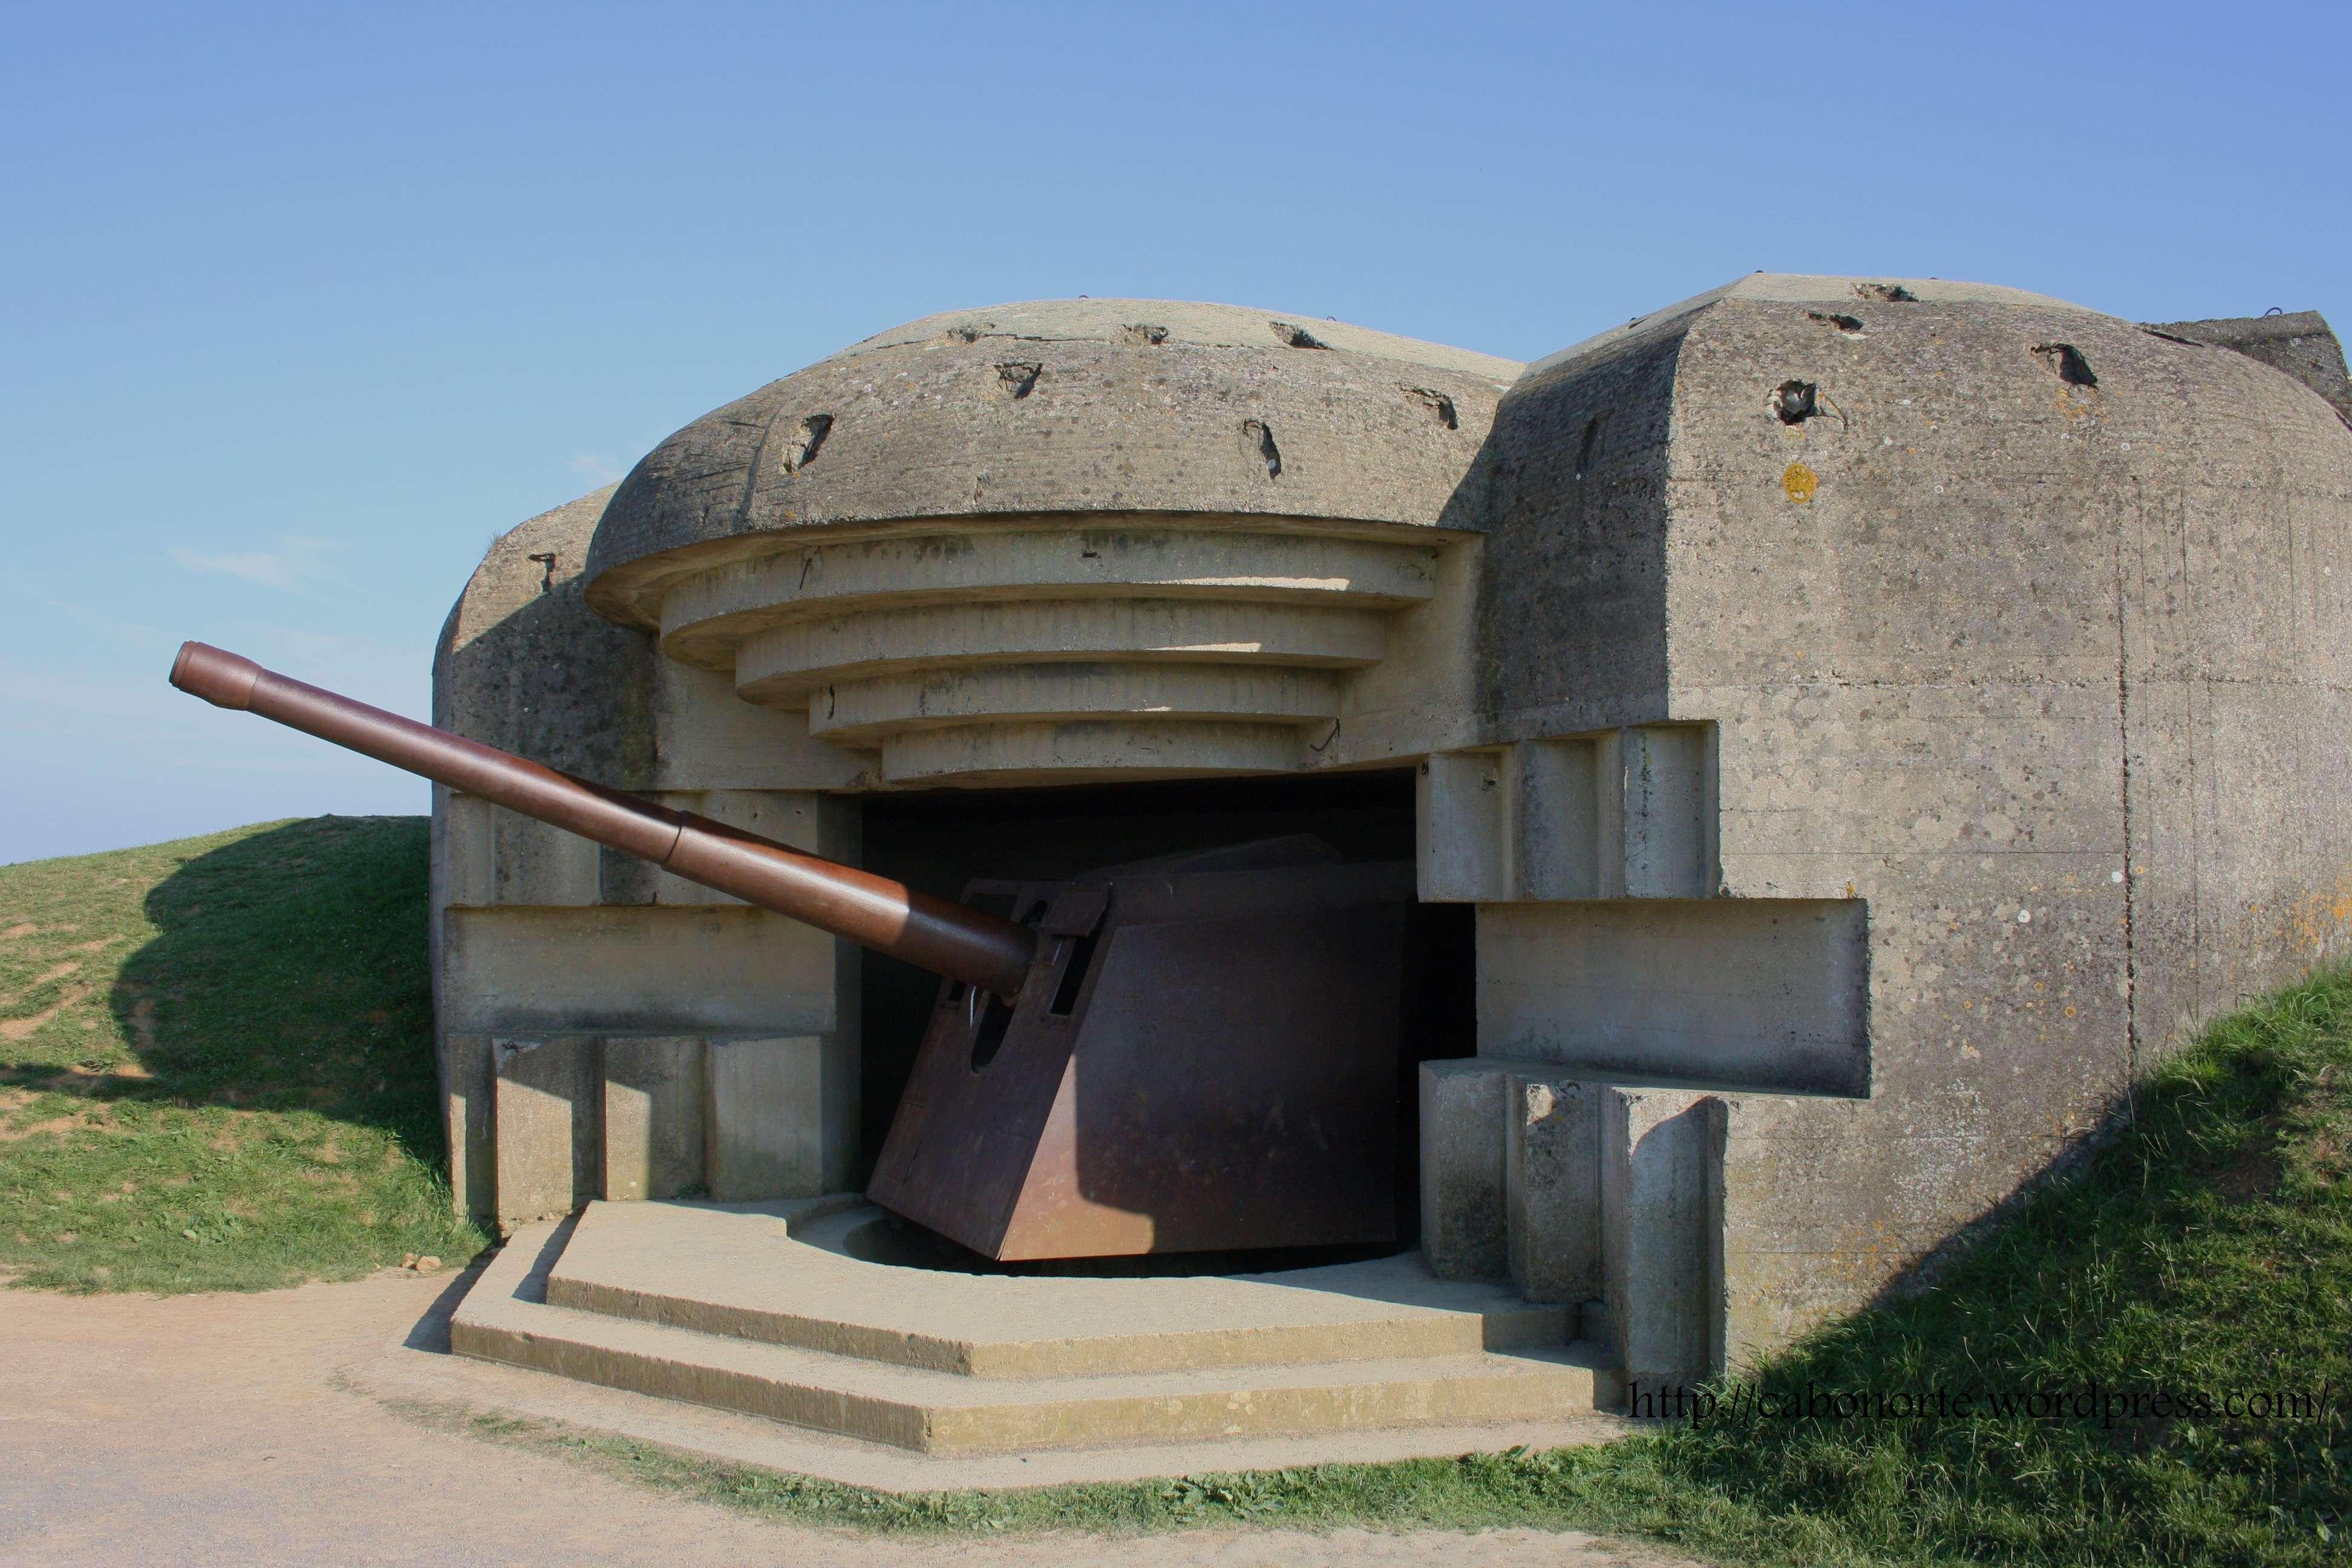 Batería de cañones en Longues-sur-mer, Normandía